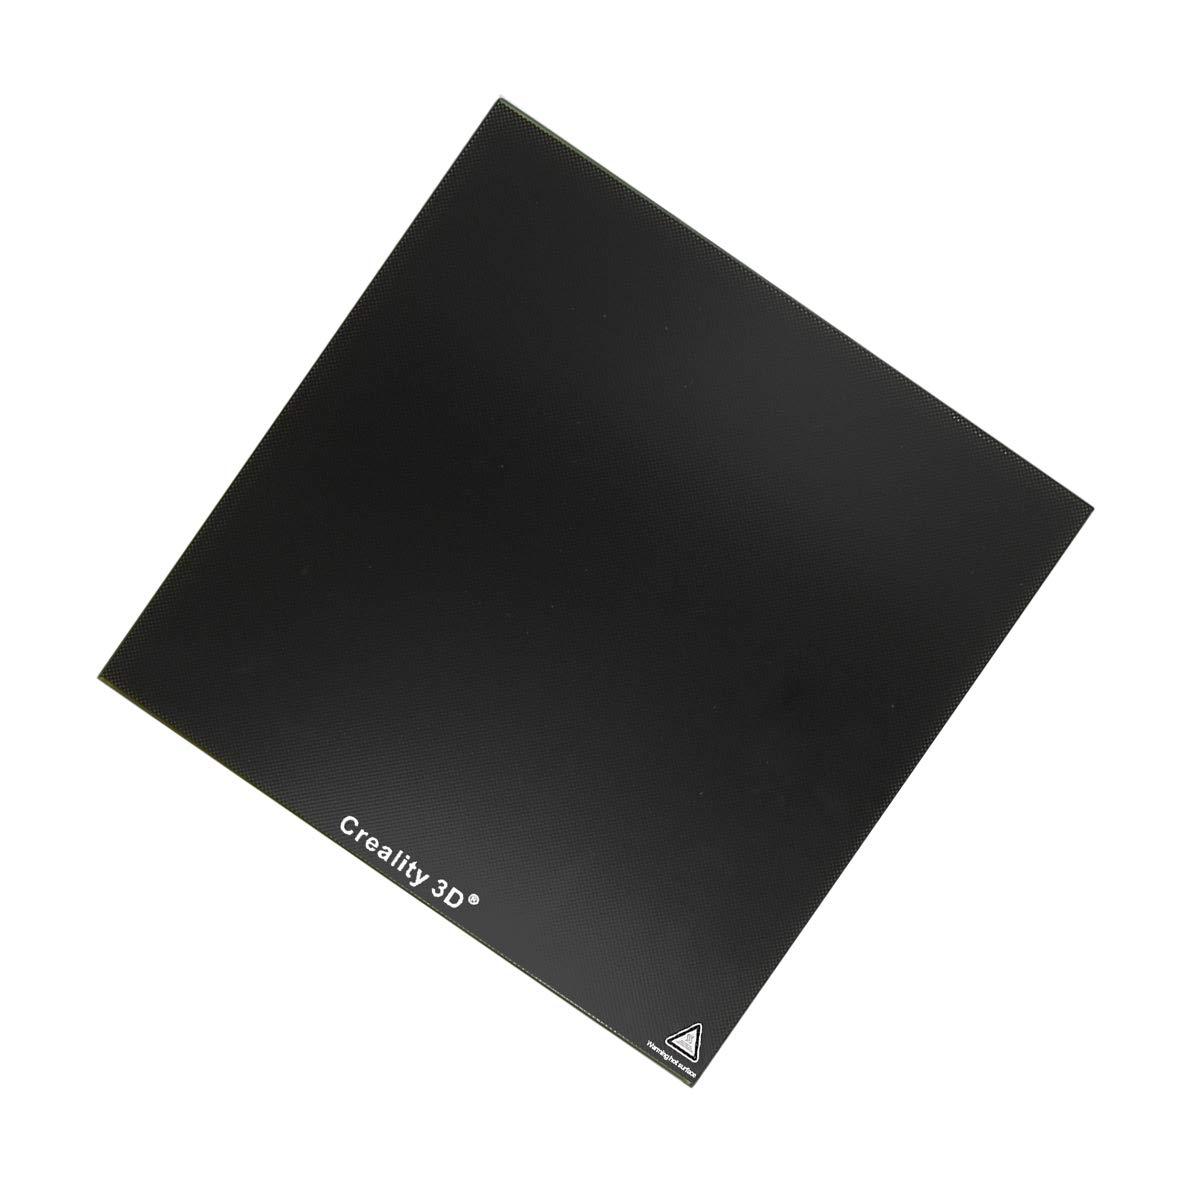 Wisamic stampante 3D in vetro letto/ /235/x 235/x 3/mm Creality tempered glass riscaldata letto calore letto per stampanti 3D Ender 3